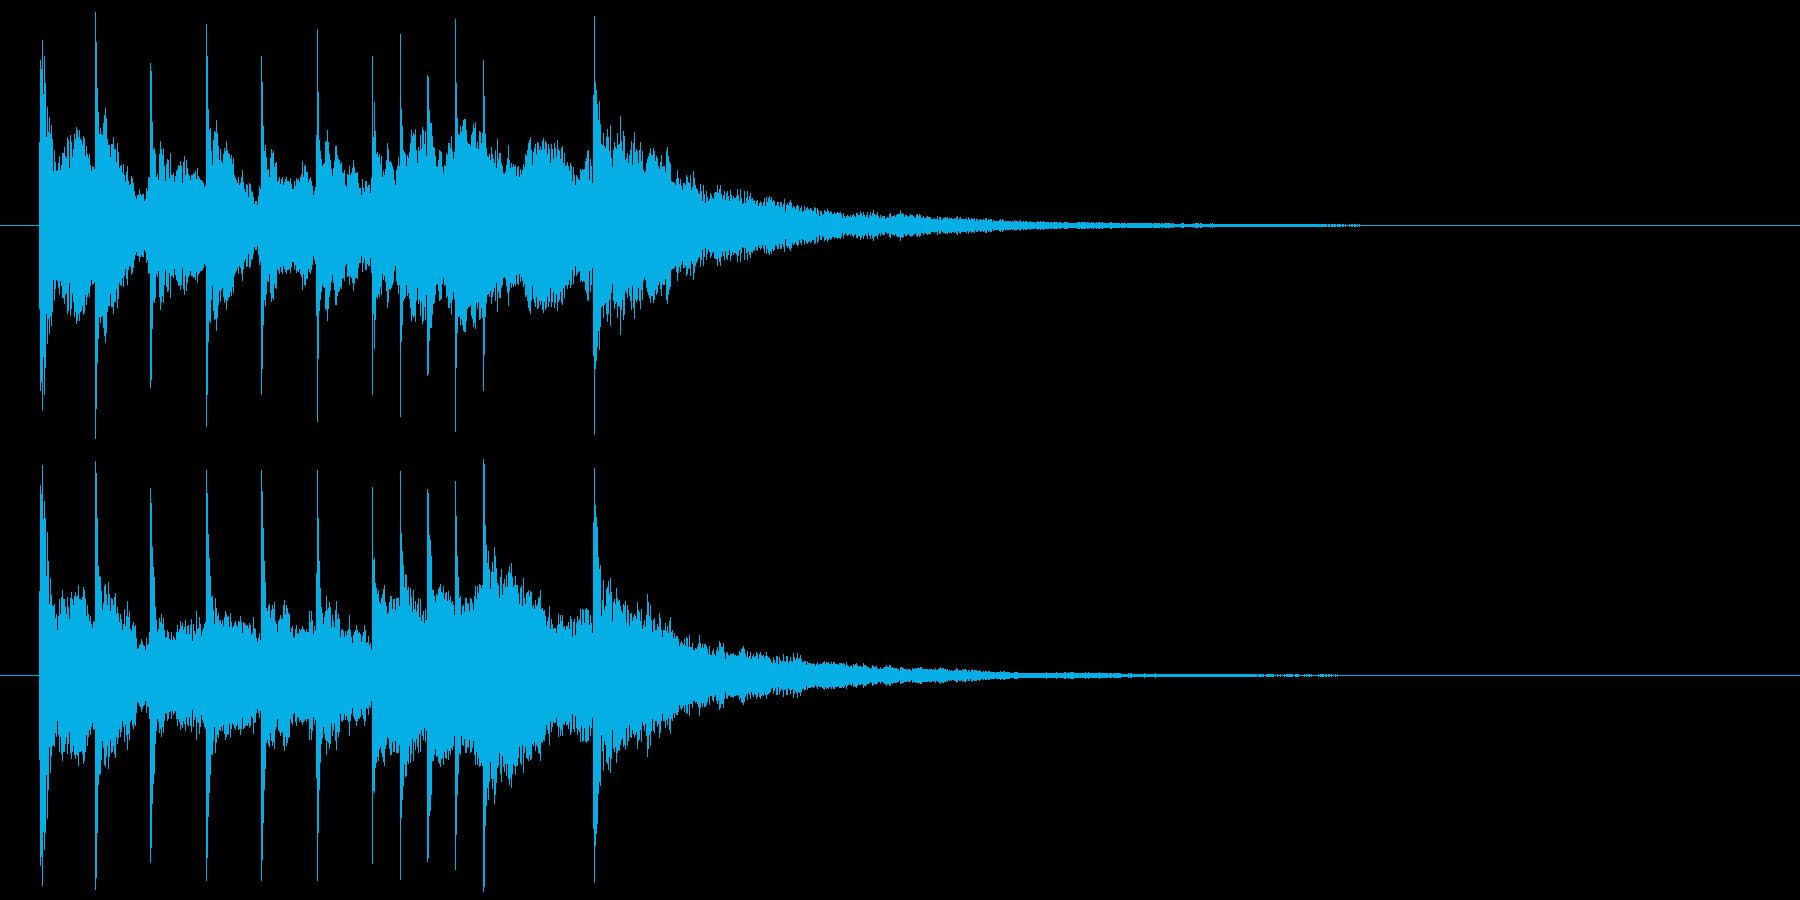 清涼感ある企業向けジングルサウンドロゴ7の再生済みの波形